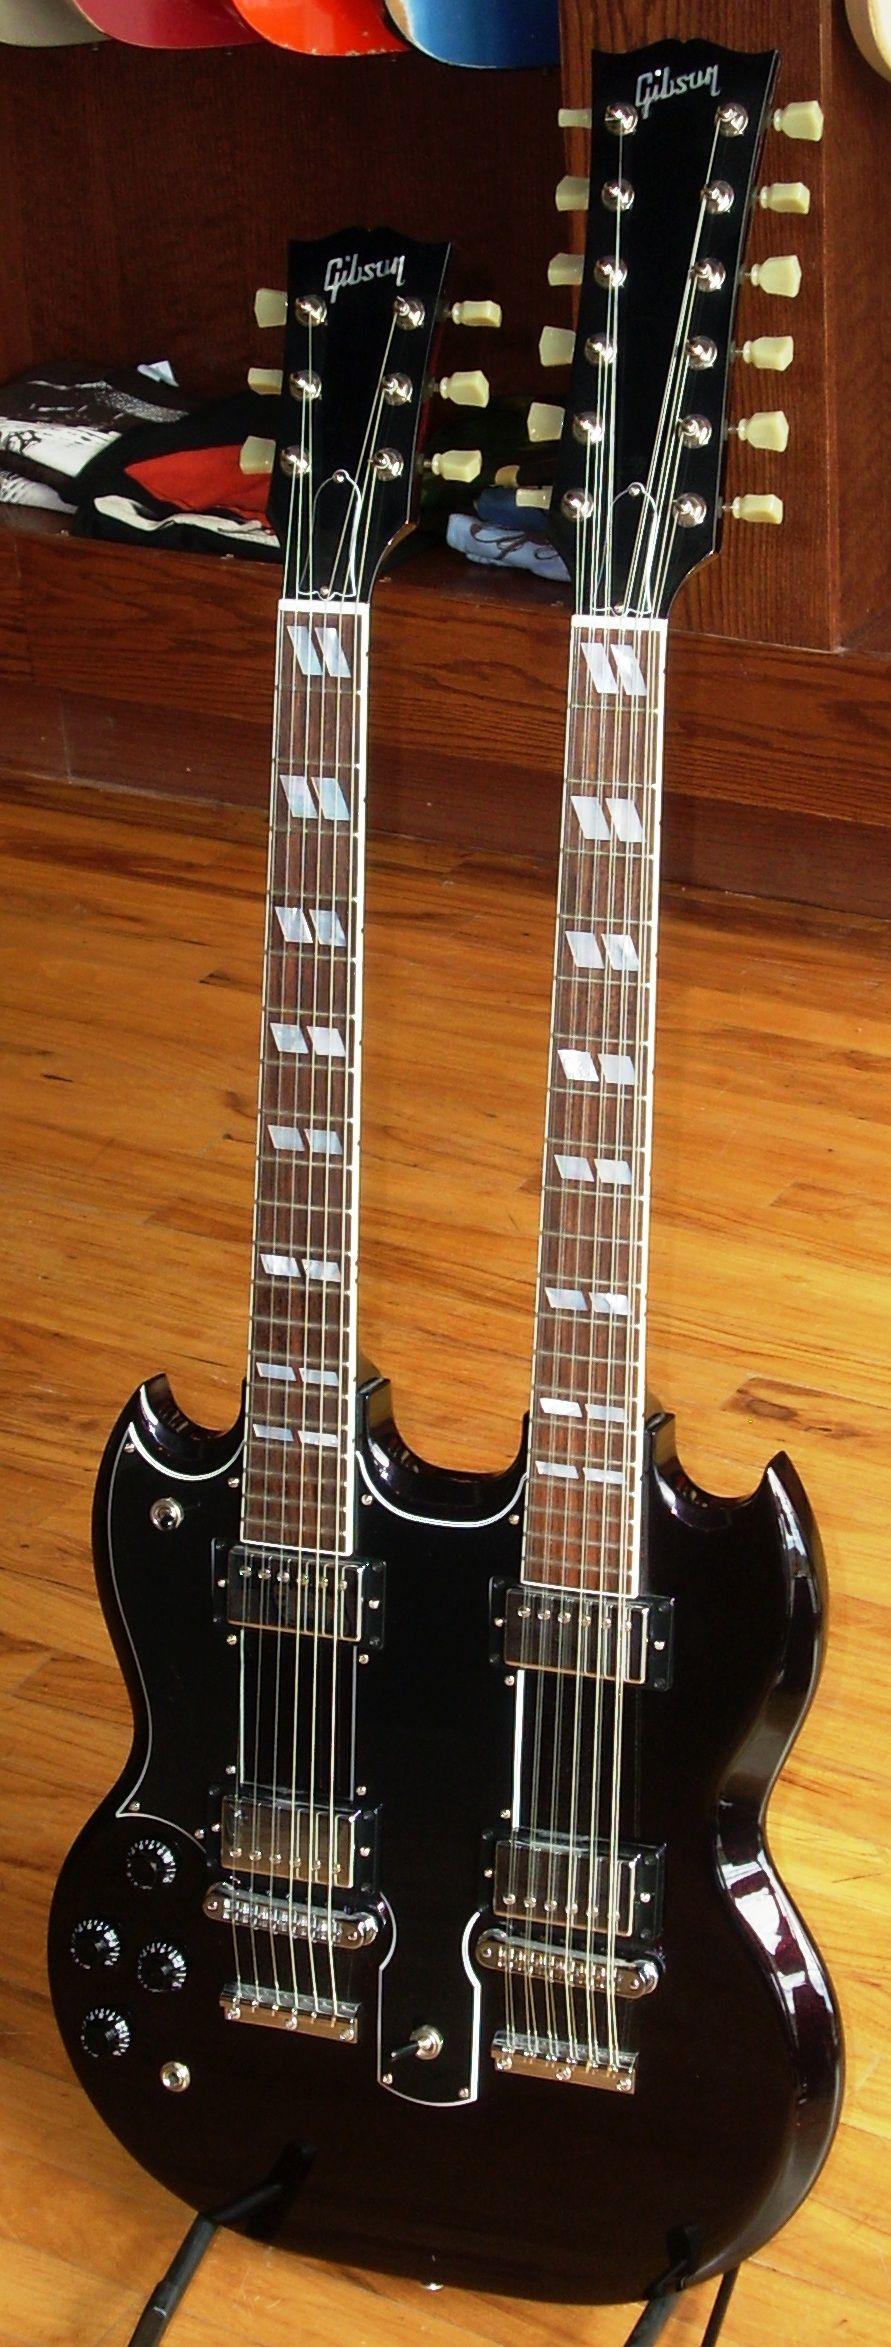 Gibson SG Doubleneck Gibson SG Guitar, Music guitar